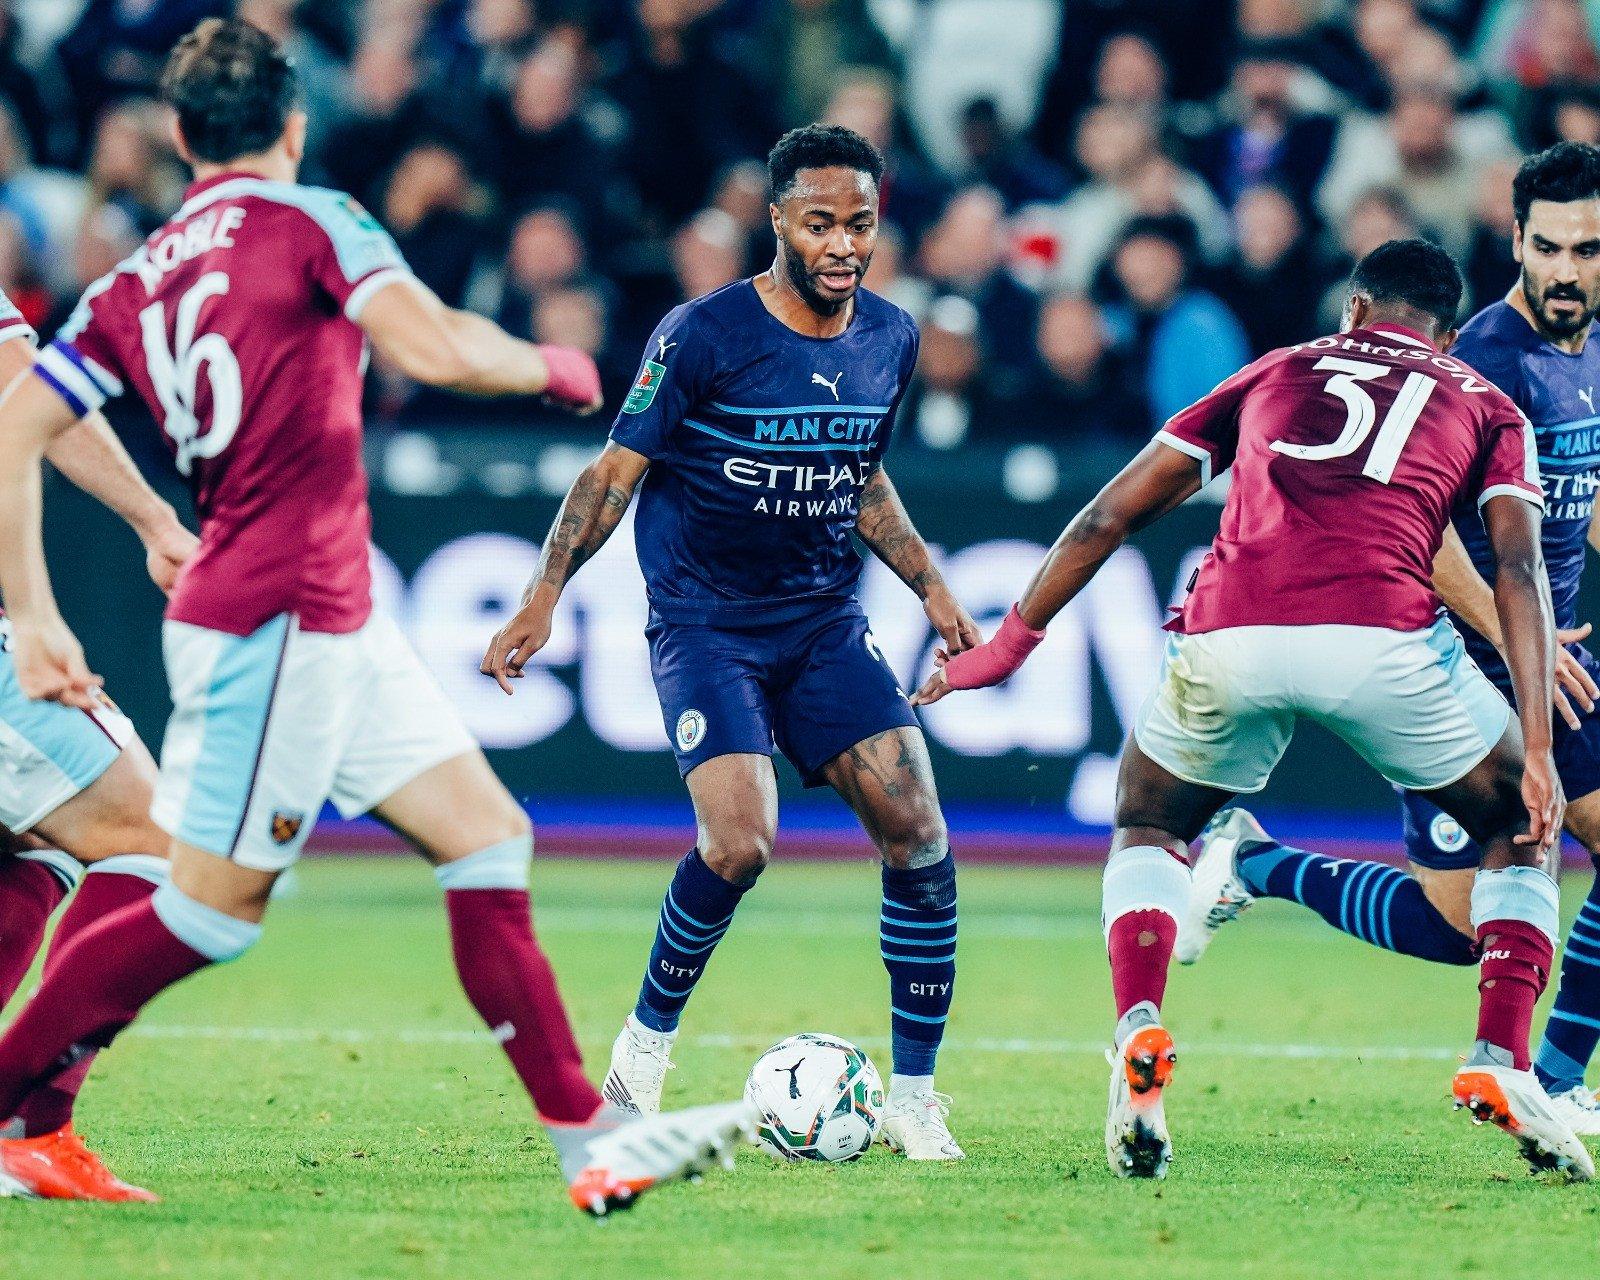 Piala Liga Inggris: Manchester City Takluk di Tangan Penghancur MU - JPNN.com